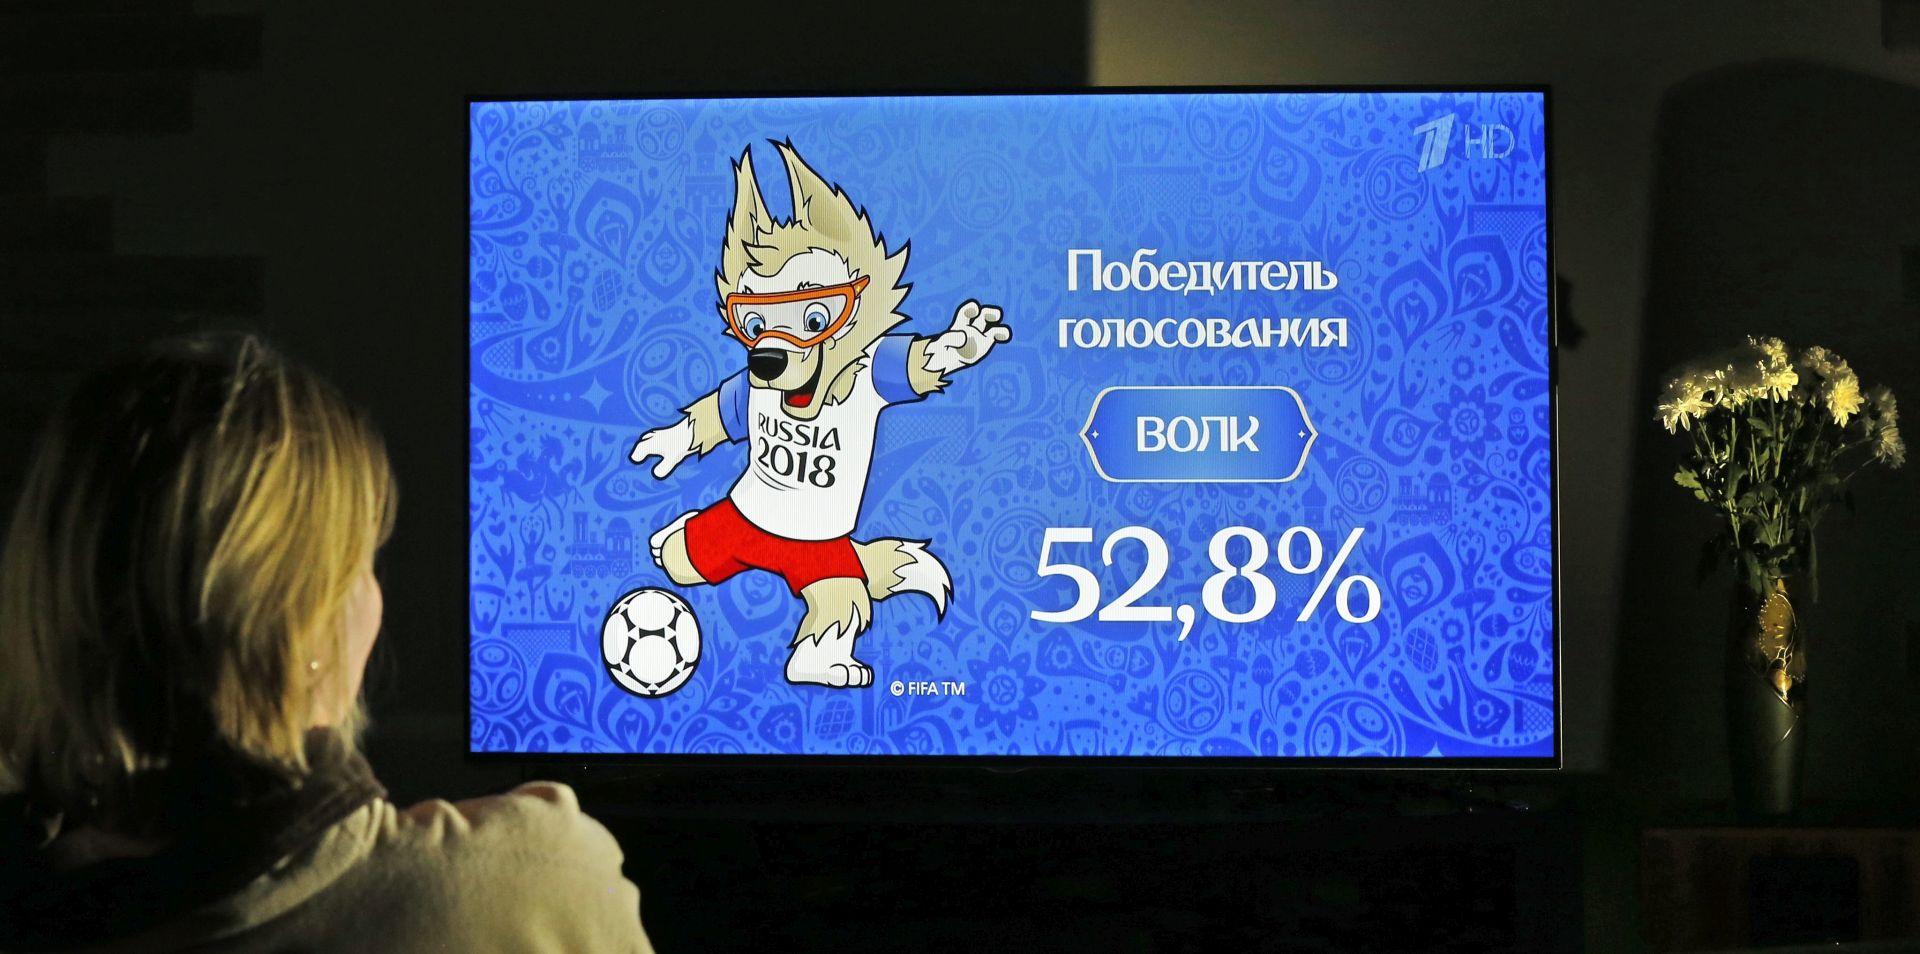 Vuk Zabivaka maskota SP 2018 u Rusiji